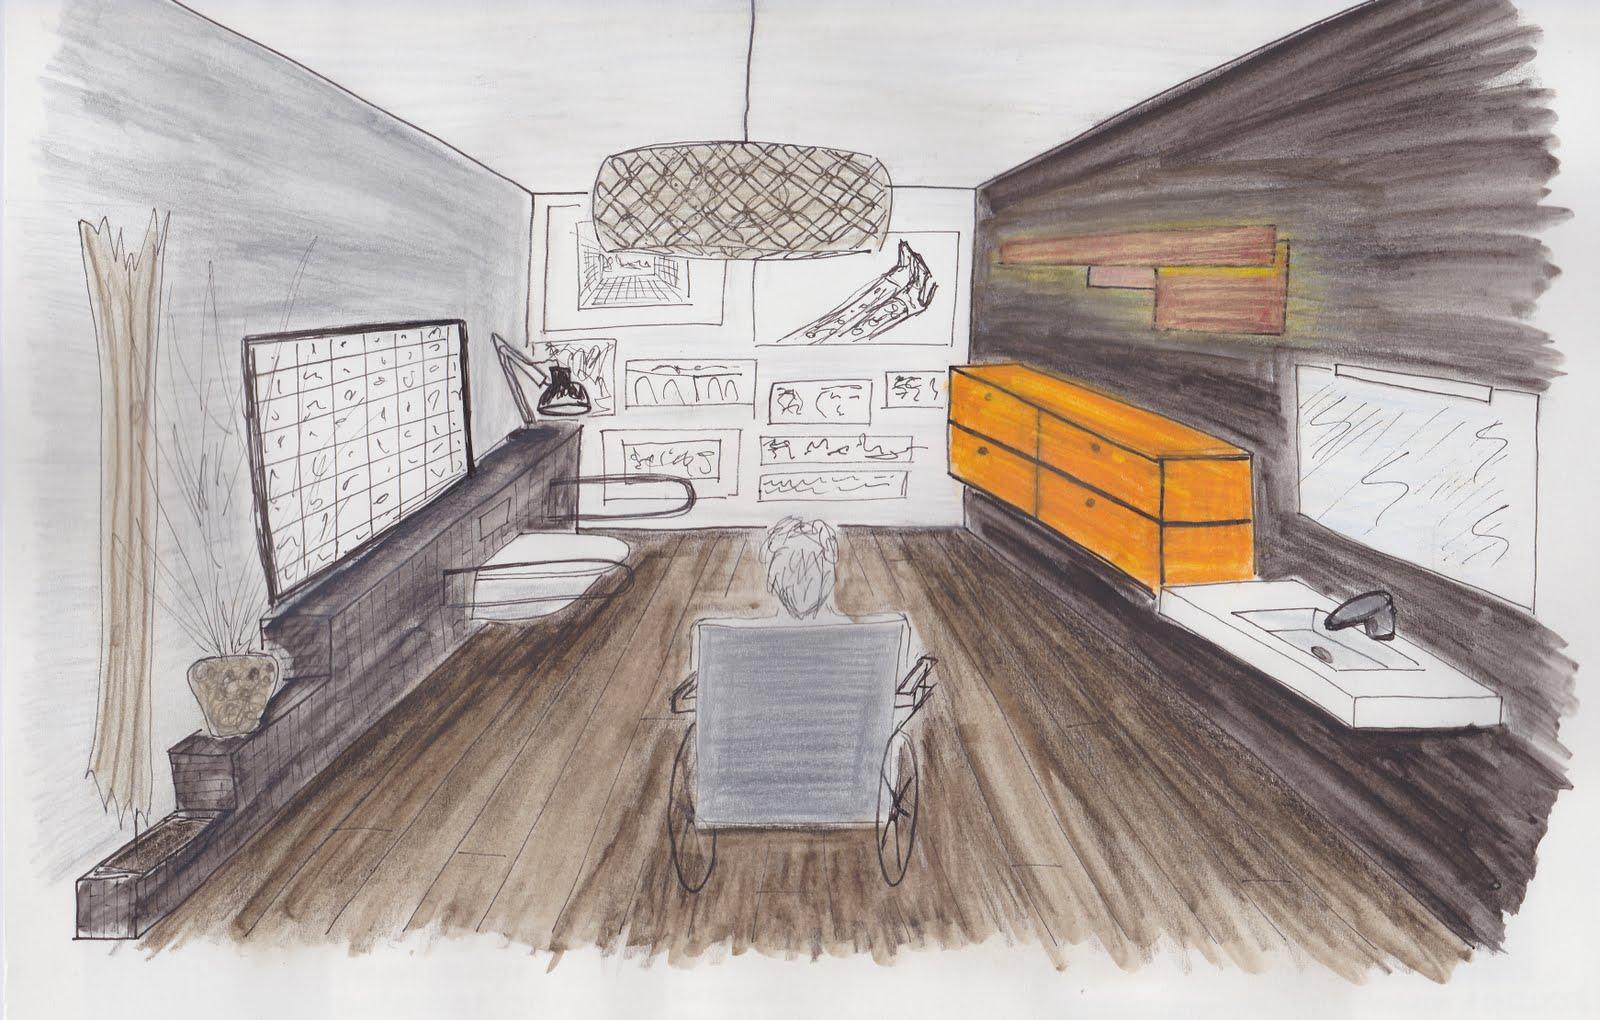 d cor hestia am nagement ergonomique de sanitaires pour une personne mobilit r duite. Black Bedroom Furniture Sets. Home Design Ideas